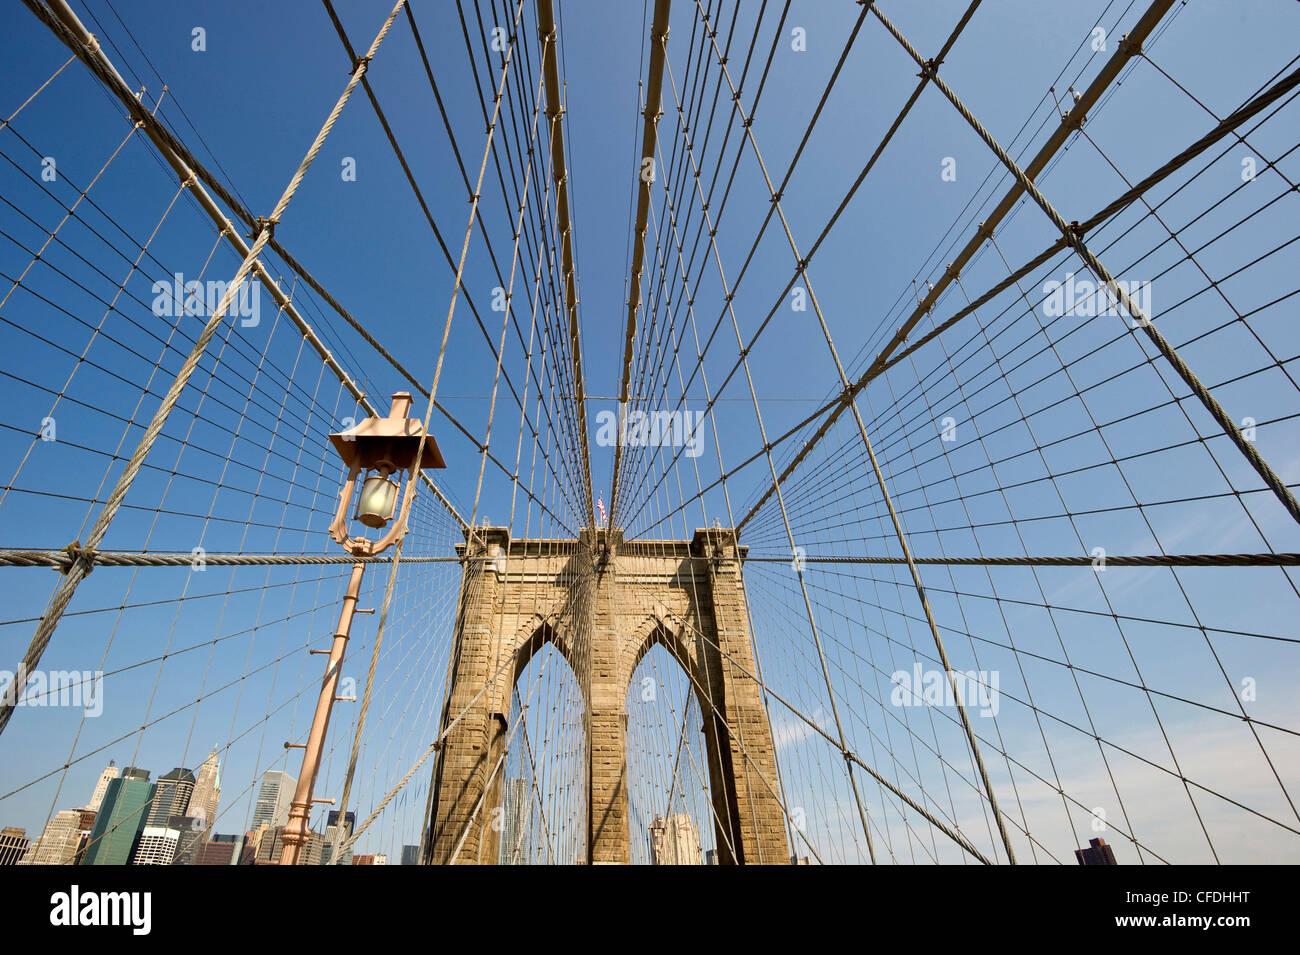 Puente de Brooklyn en la luz del sol, Manhattan, Nueva York, Estados Unidos, América Foto de stock